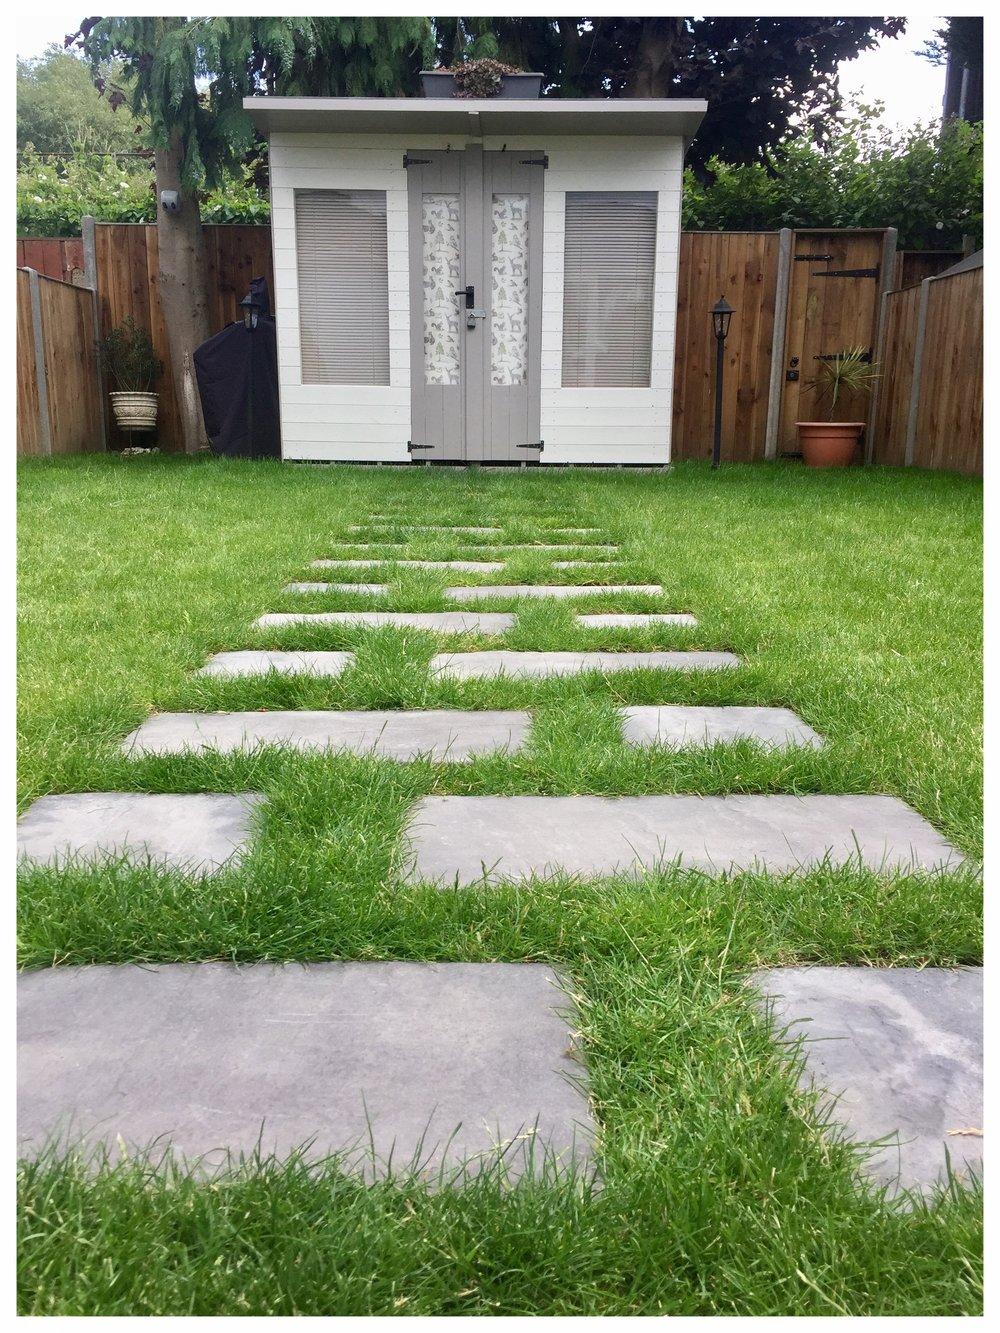 garden-works-21-1-web.jpg